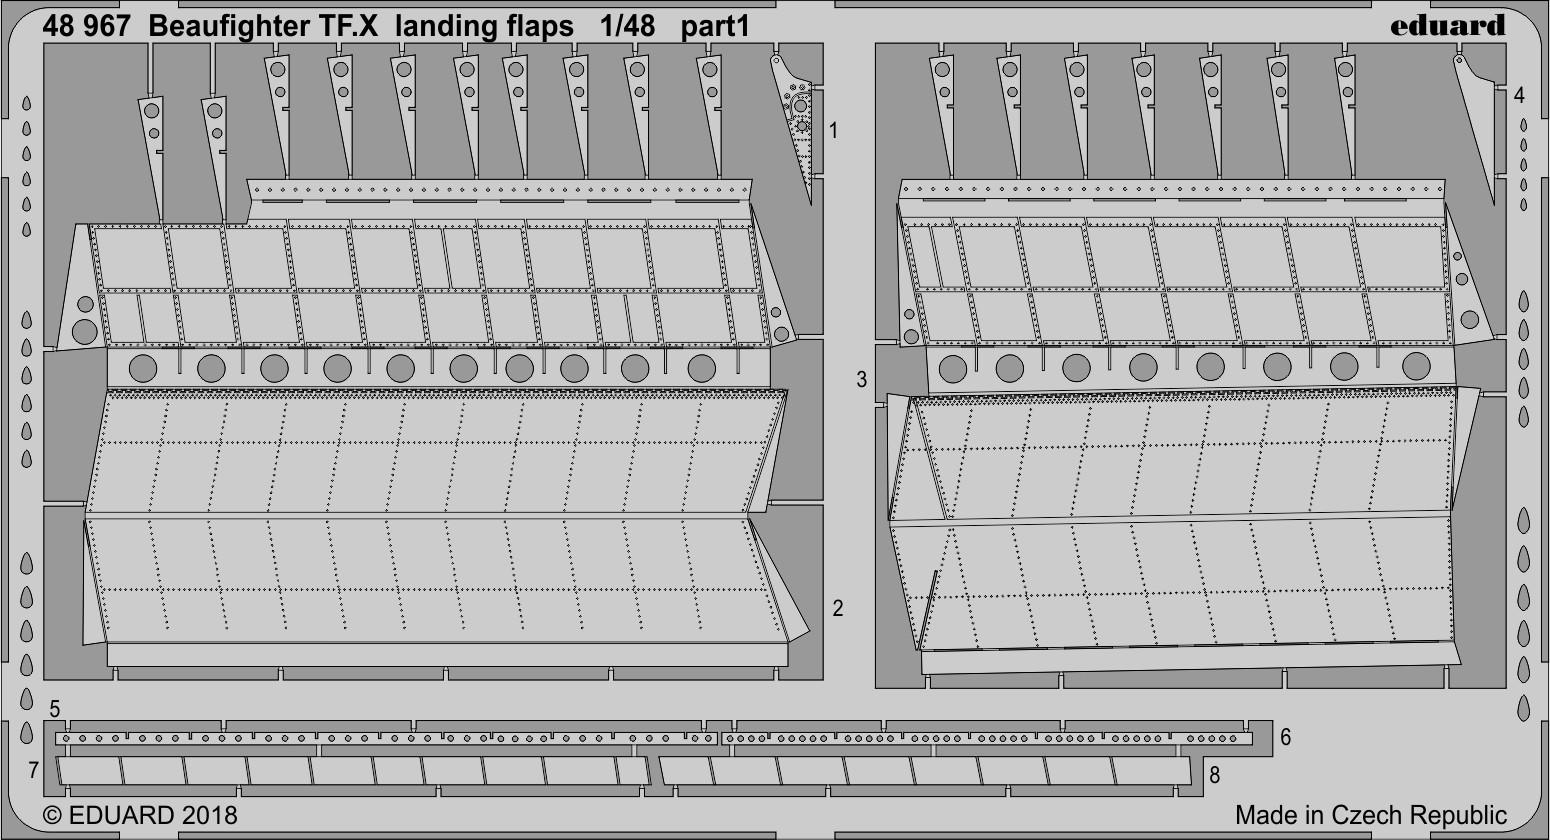 EDUARD EX621 Masking Sheet for Revell® Kit Beaufighter TF.X in 1:48